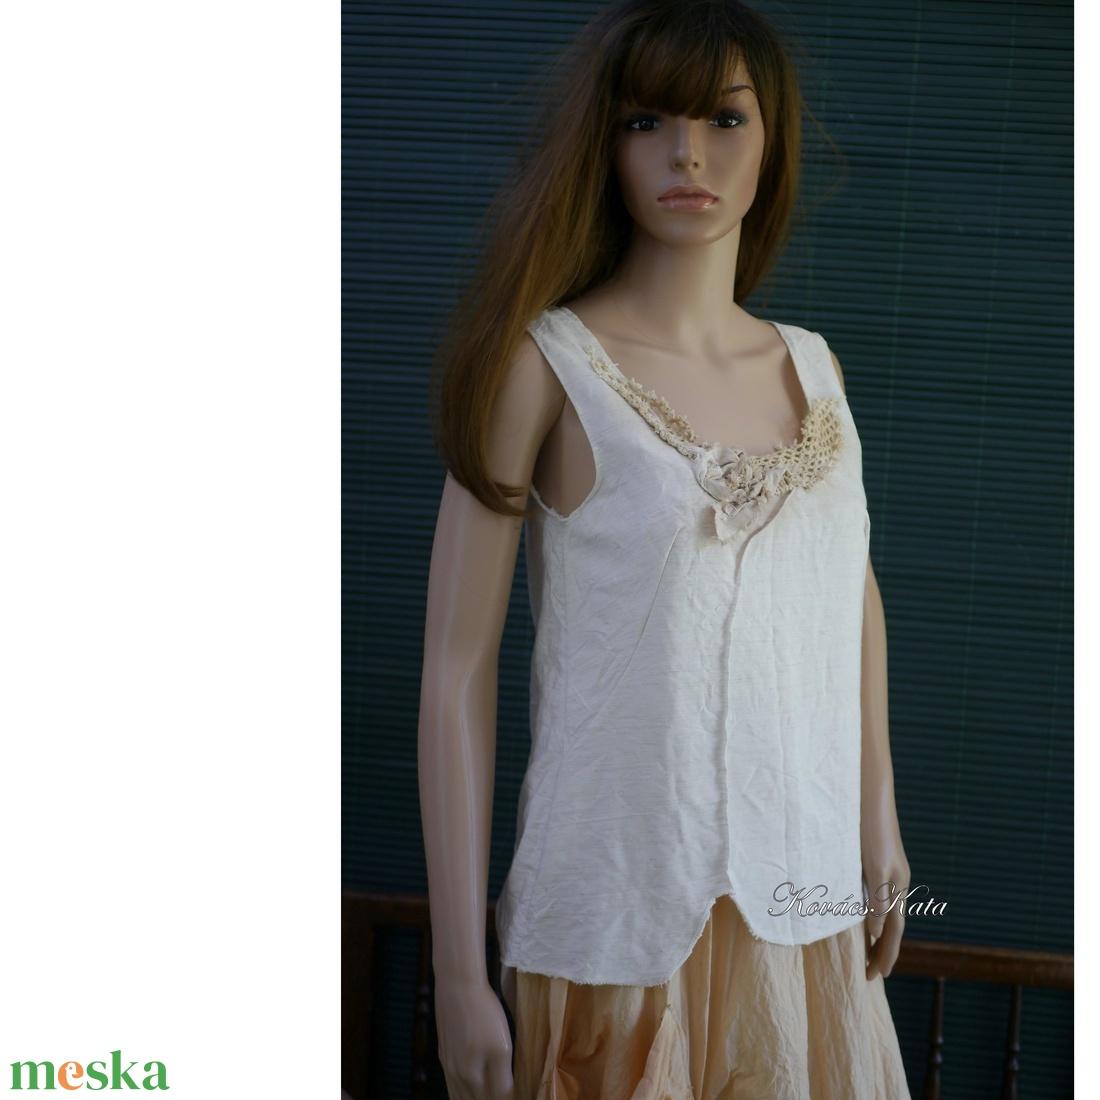 EMILY-TOP -  applikált lenvászon felső - ruha & divat - női ruha - top - Meska.hu